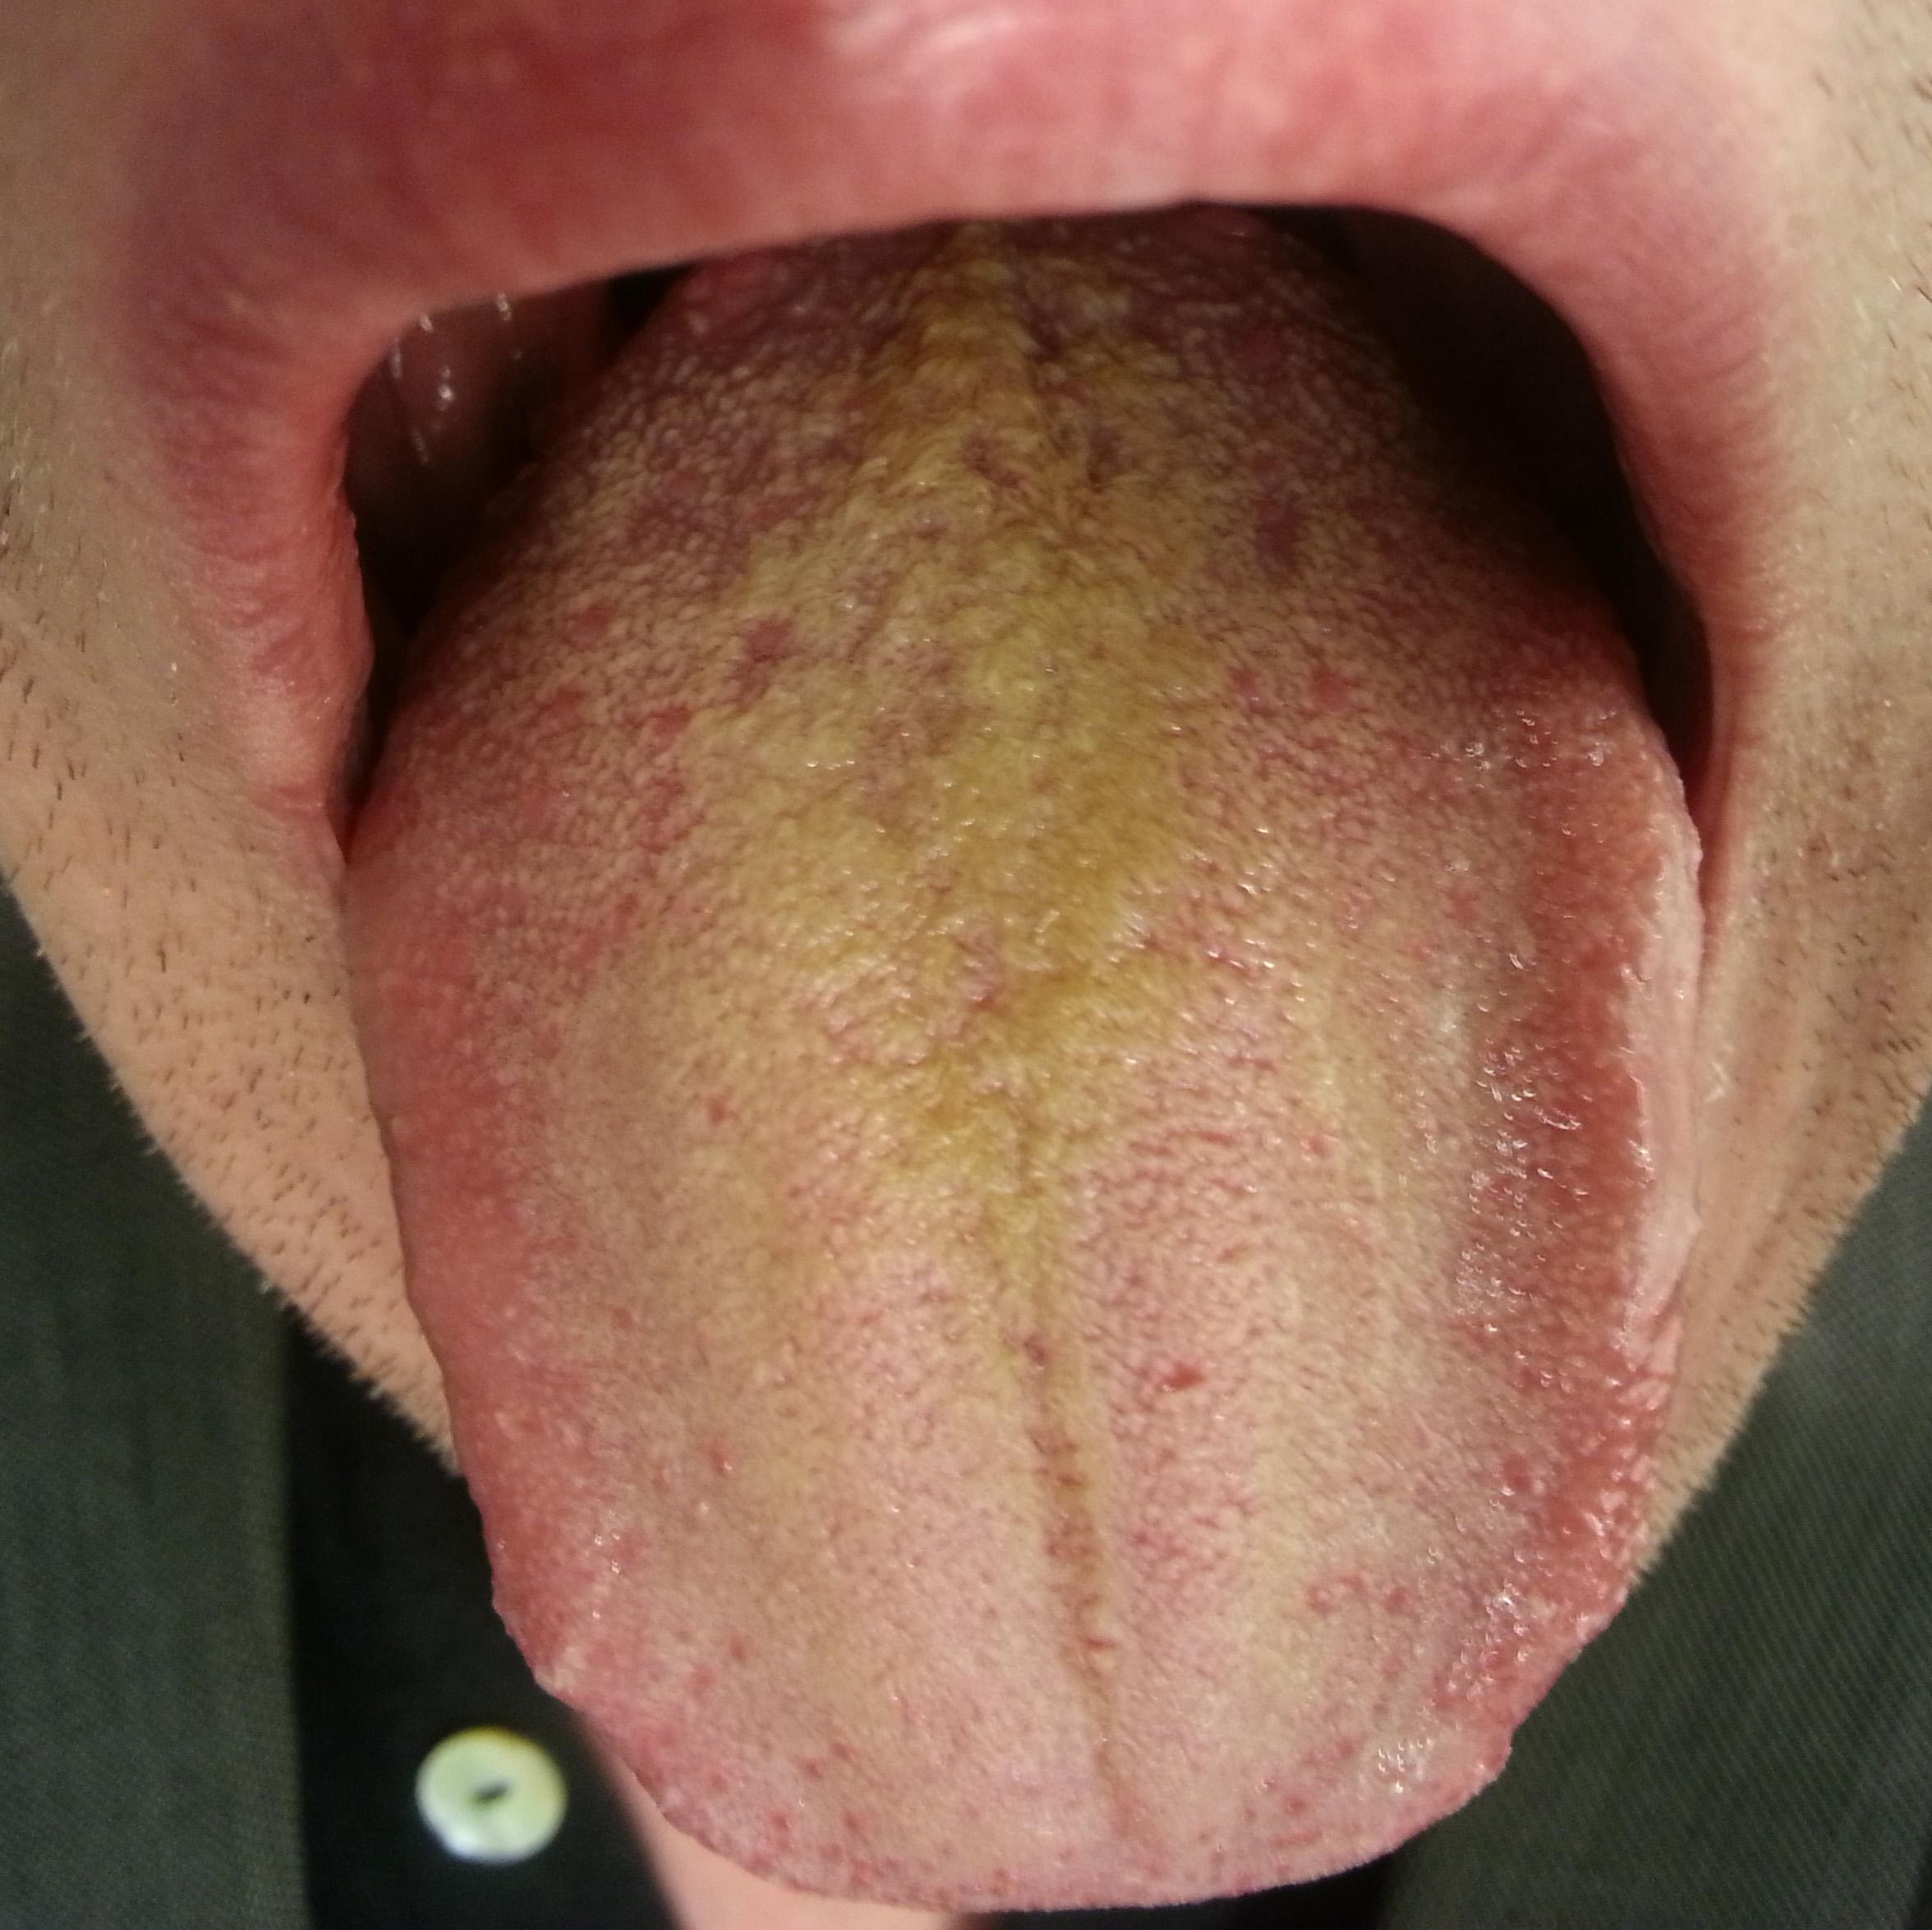 Металлический привкус во рту - признак болезни